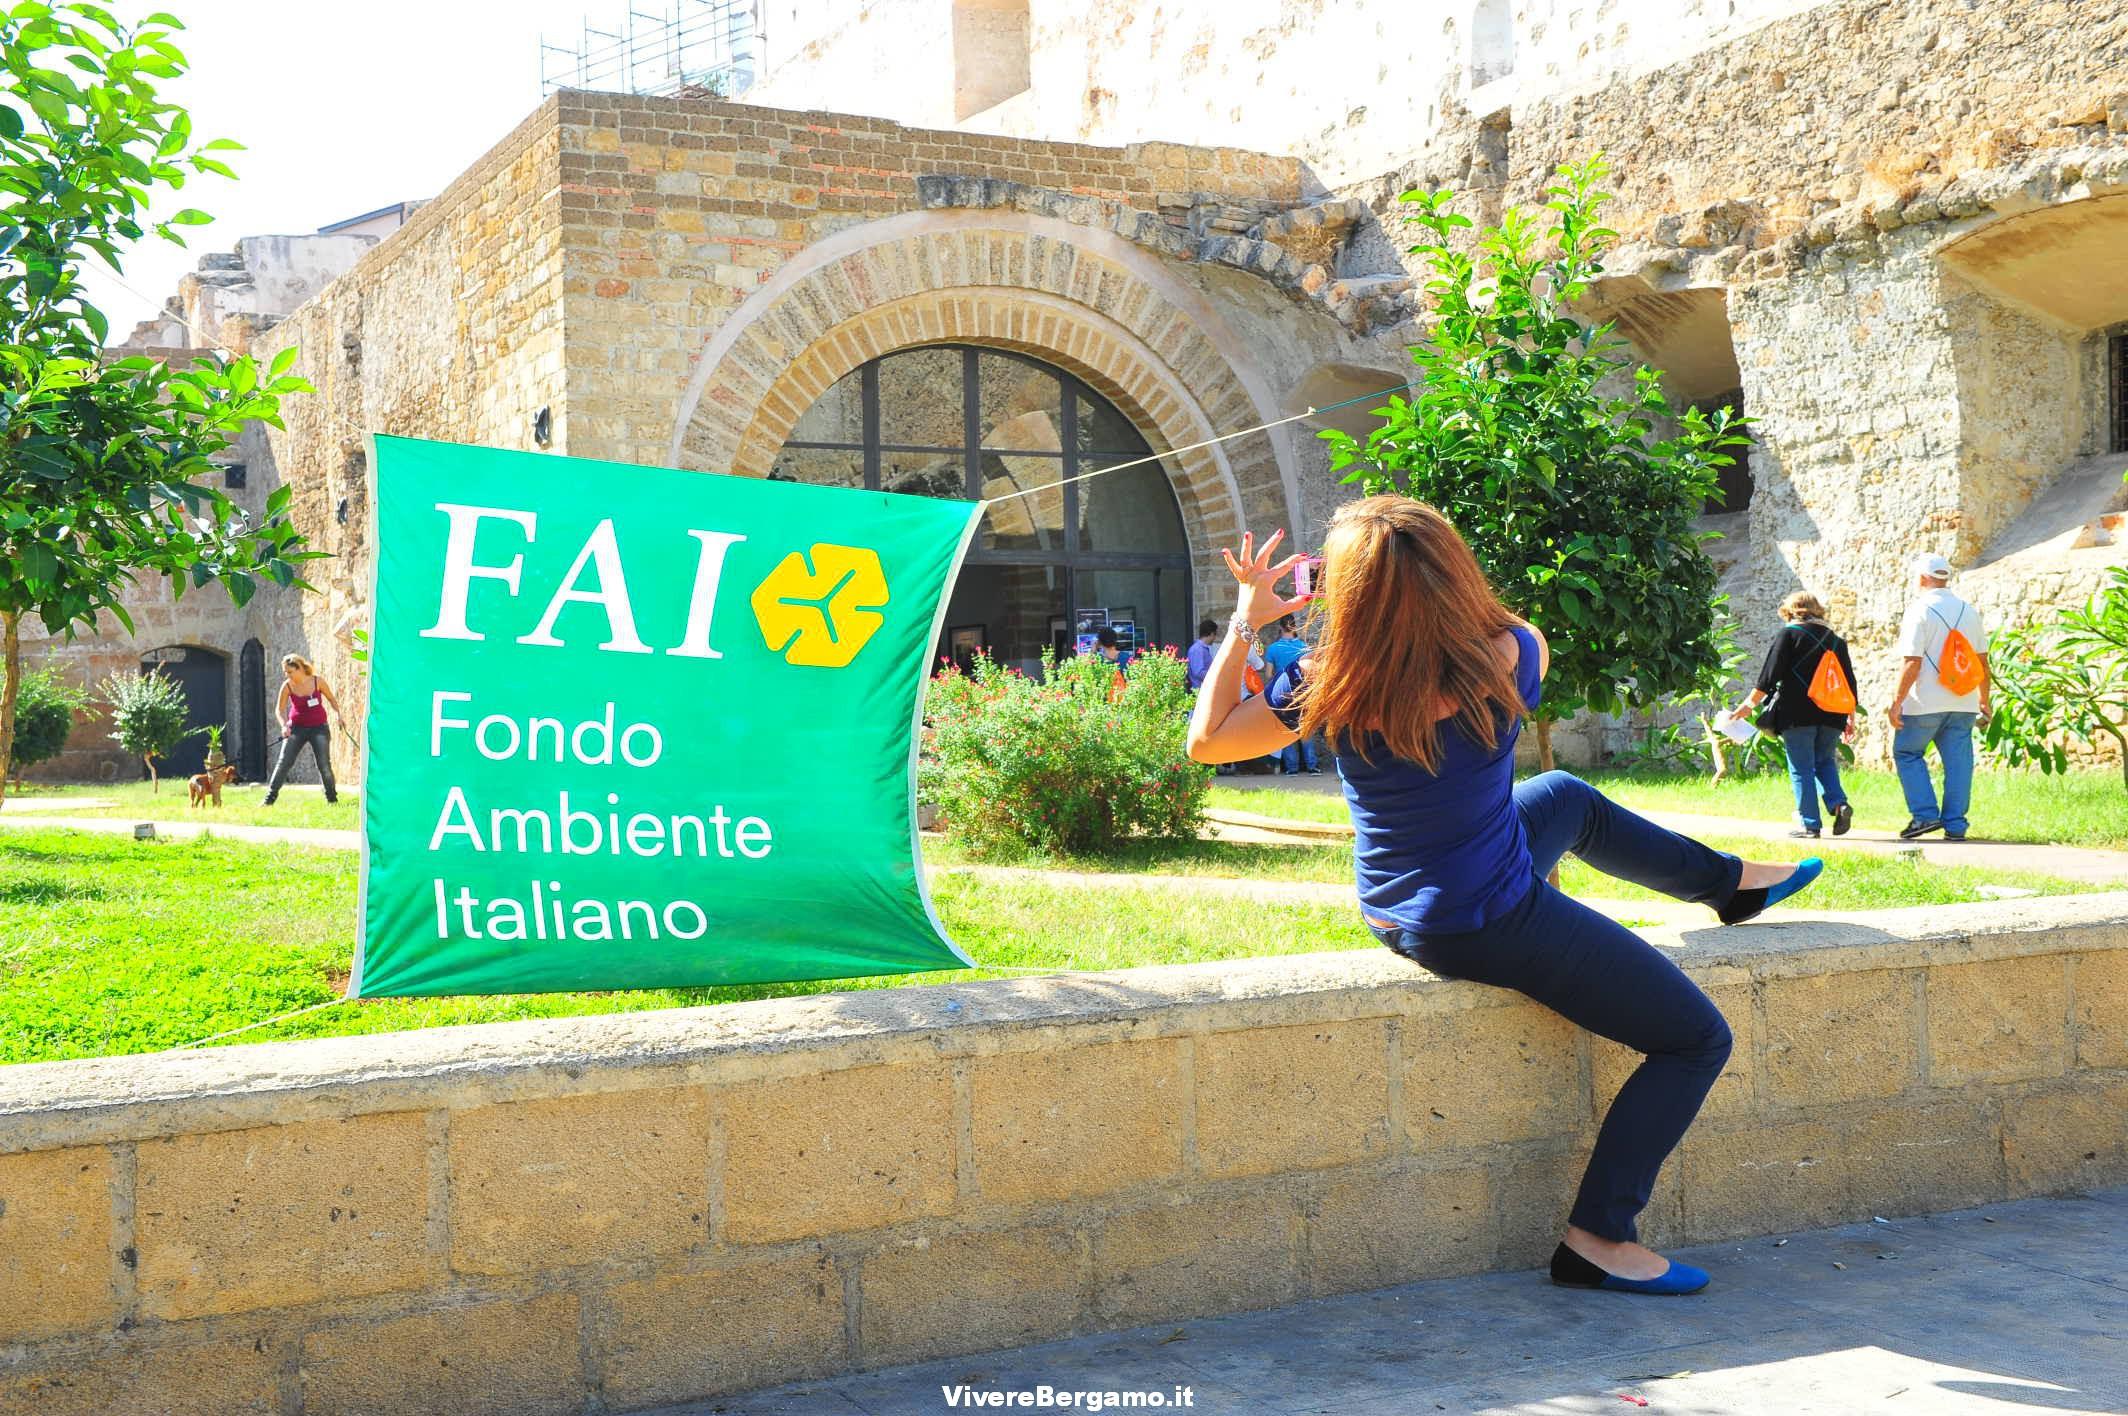 Fondo per l'Ambiente Italiano FAI